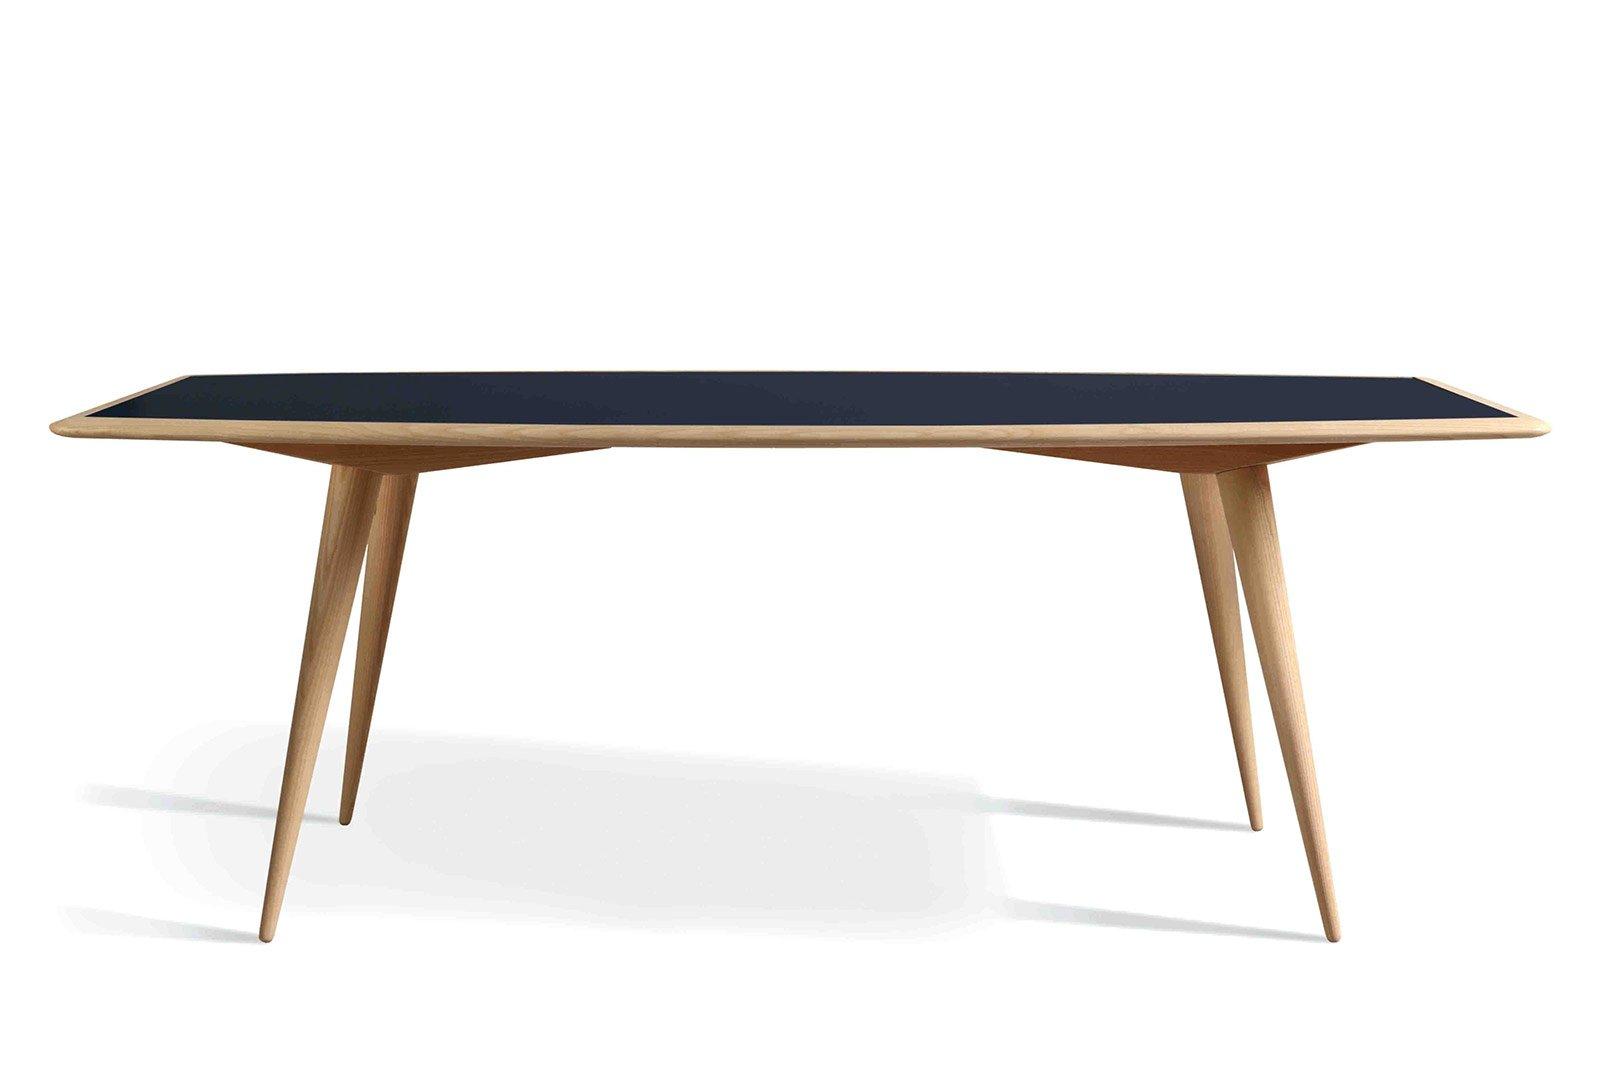 Tavolo in legno vintage moderno tradizionale cose di casa for Tavolo moderno in legno